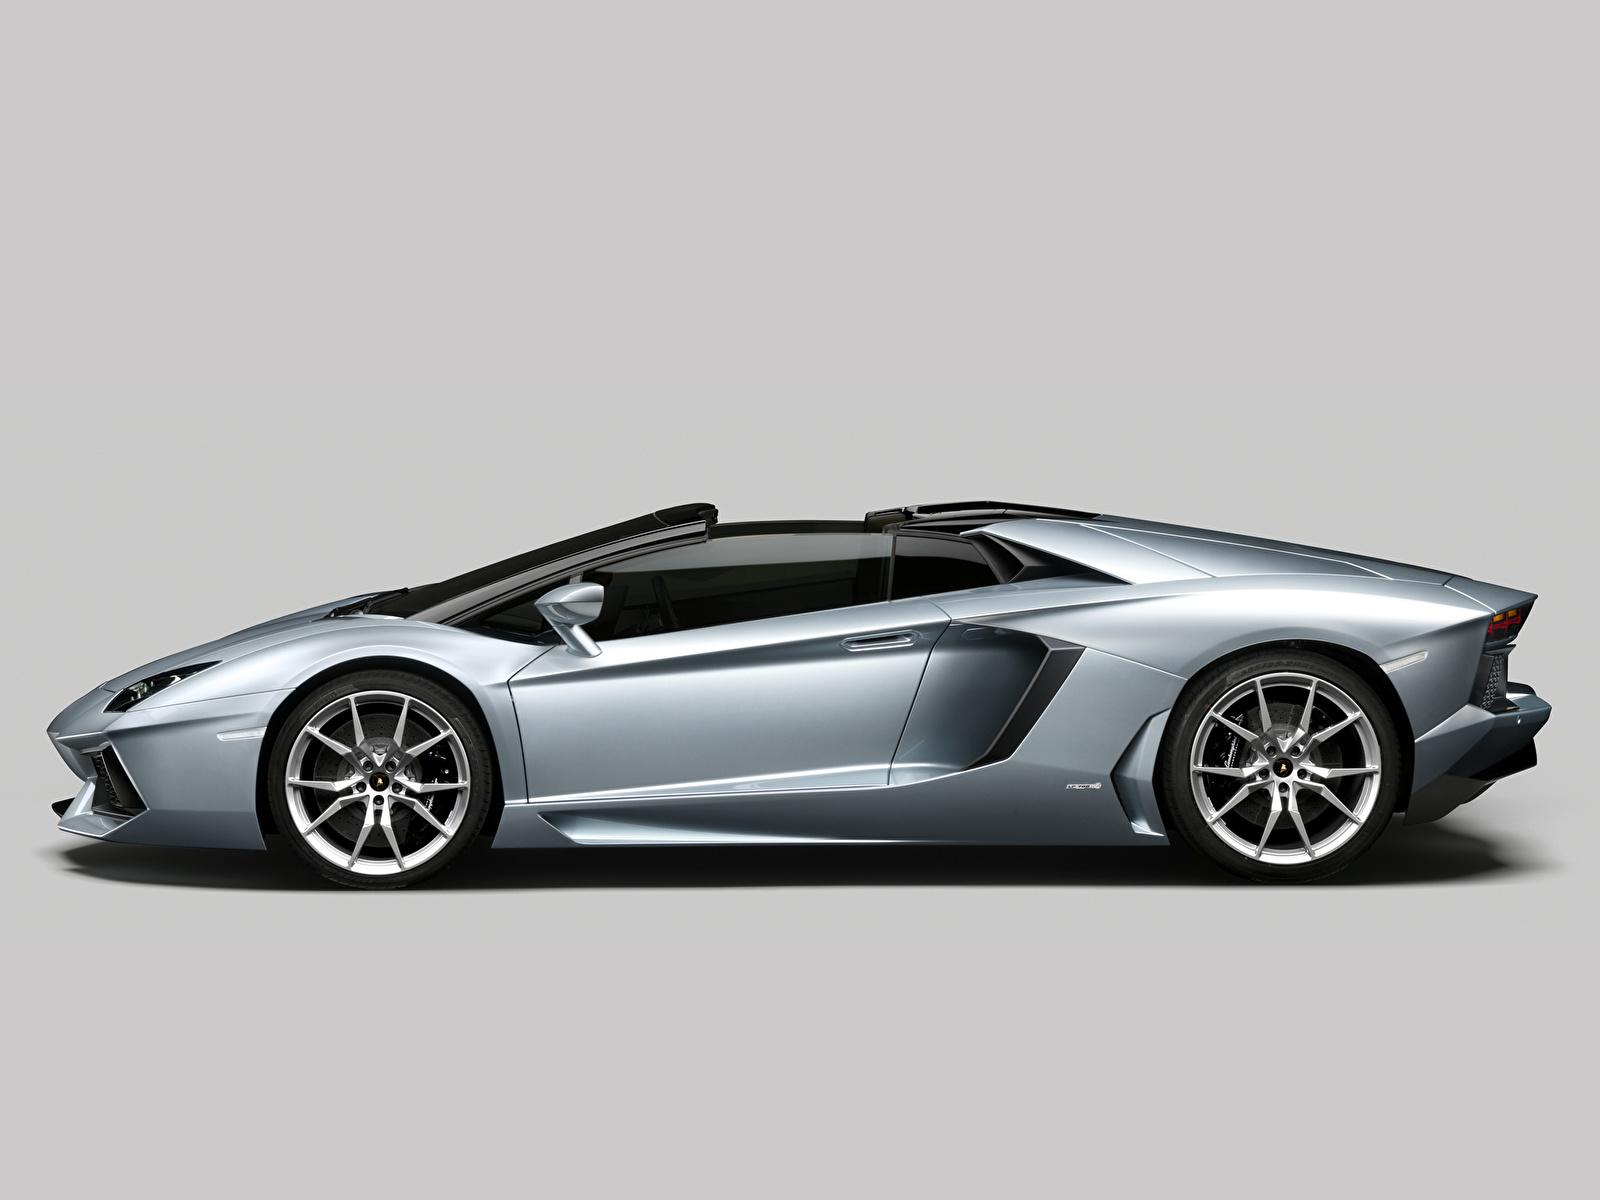 Картинка Lamborghini Aventador Roadster Родстер Роскошные авто 1600x1200 Ламборгини дорогие дорогой дорогая люксовые роскошная роскошный машина машины автомобиль Автомобили